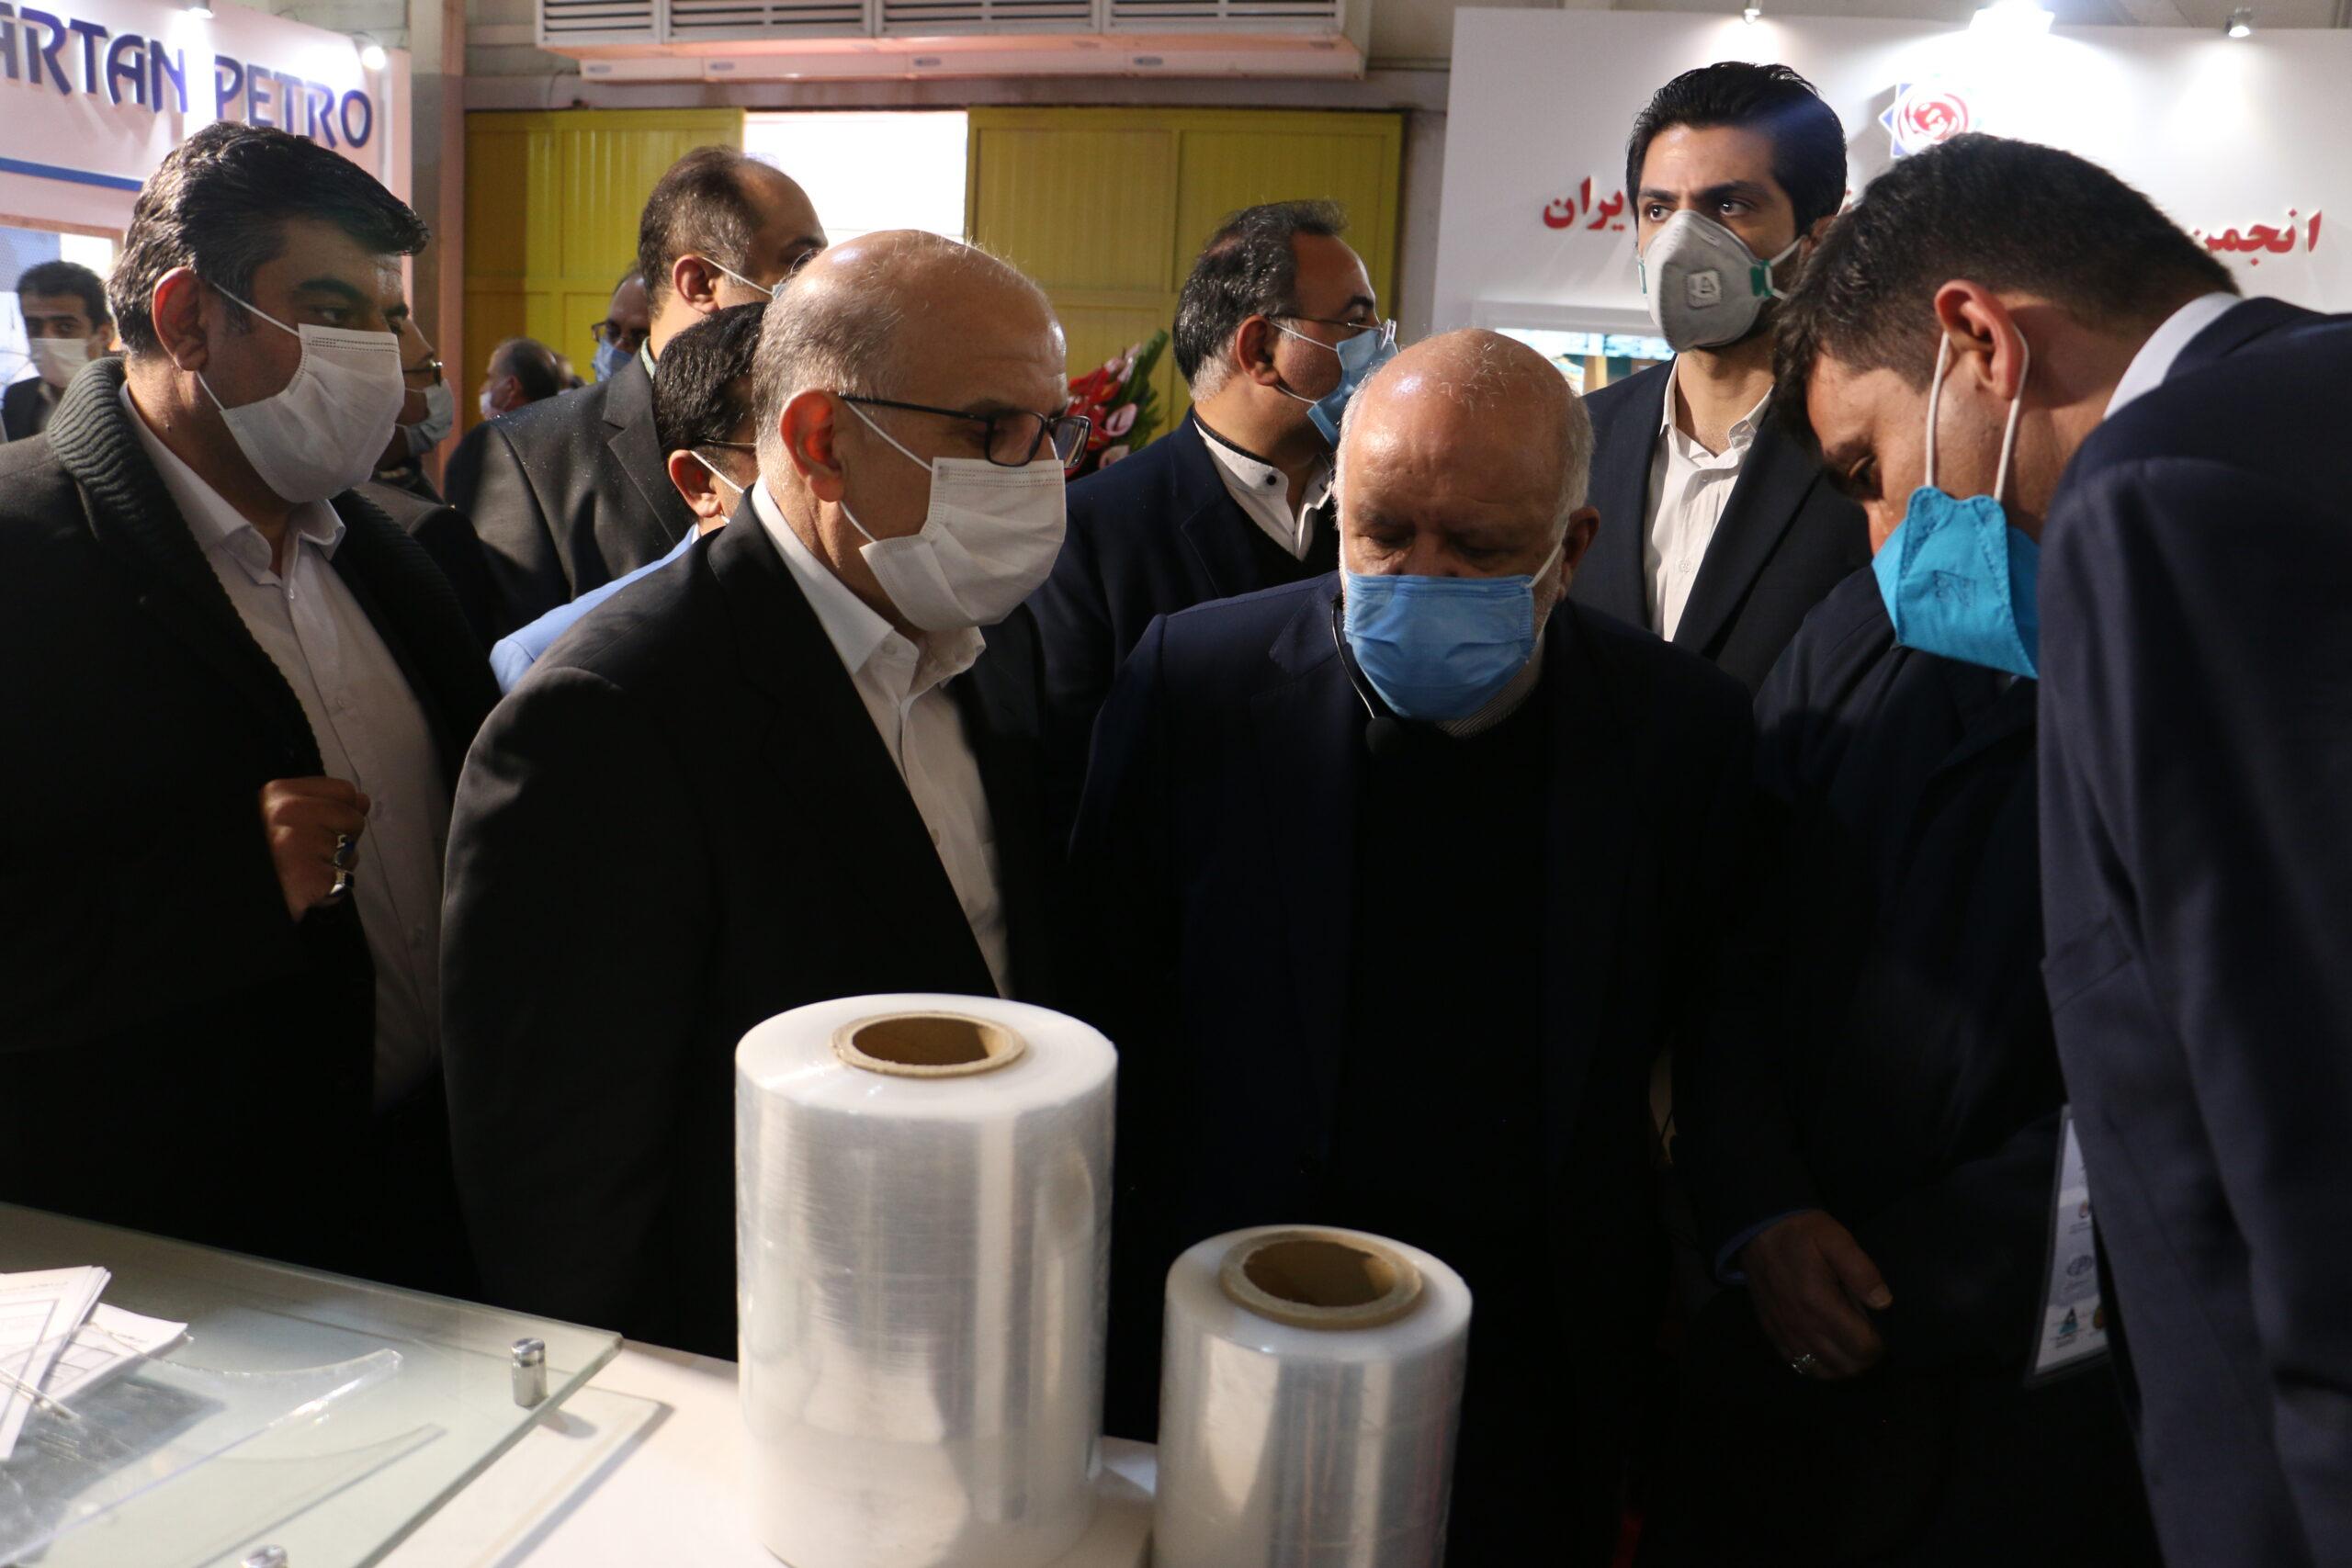 بازدید جناب آقای زنگنه وزیر نفت ایران از غرفه شمس پلاست طب